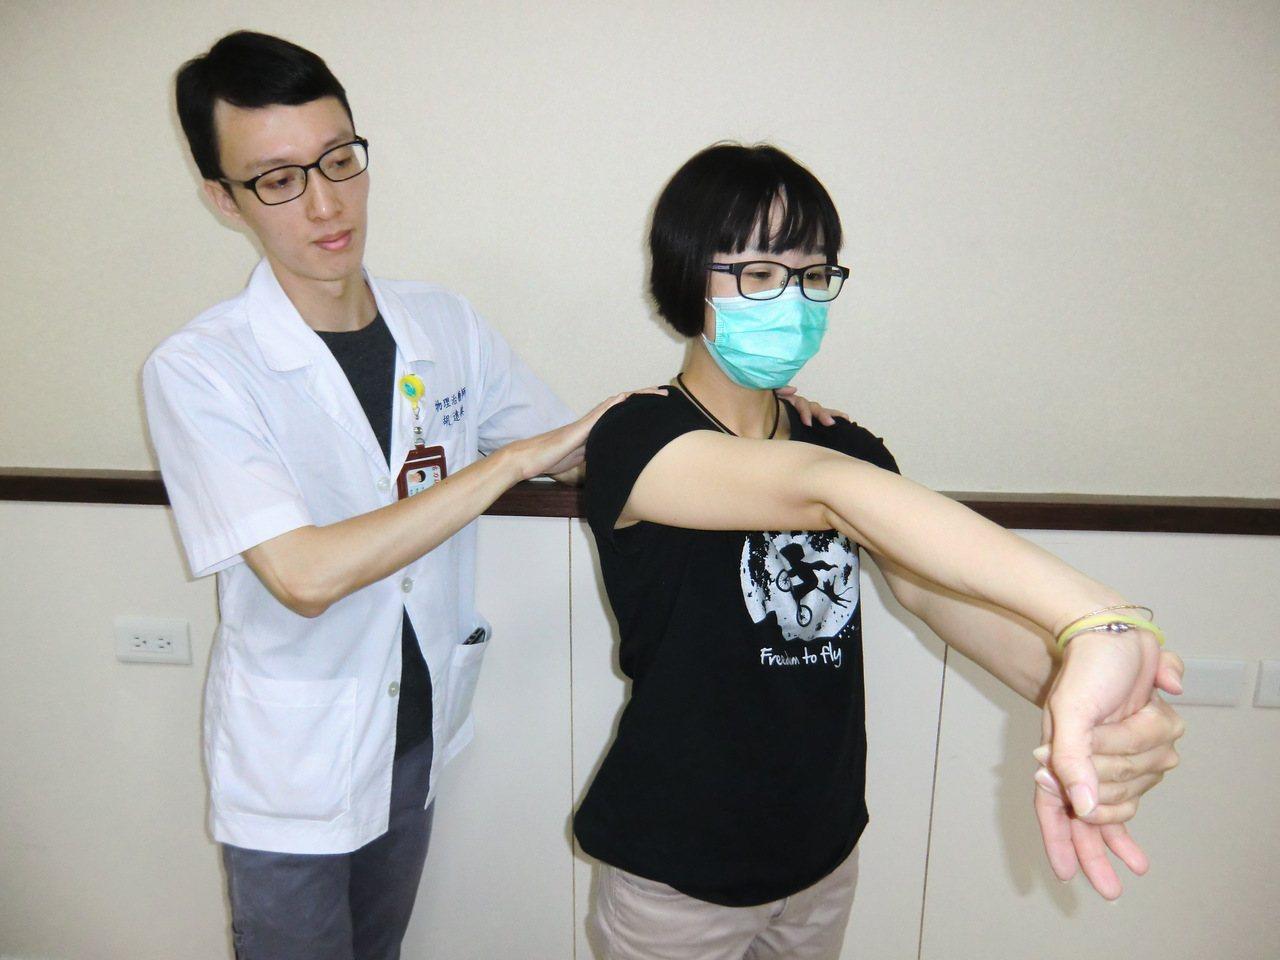 第二招【手腕牽拉運動】:一手手掌朝上,另一手將其手掌往下壓且手臂伸直,以便讓手腕...